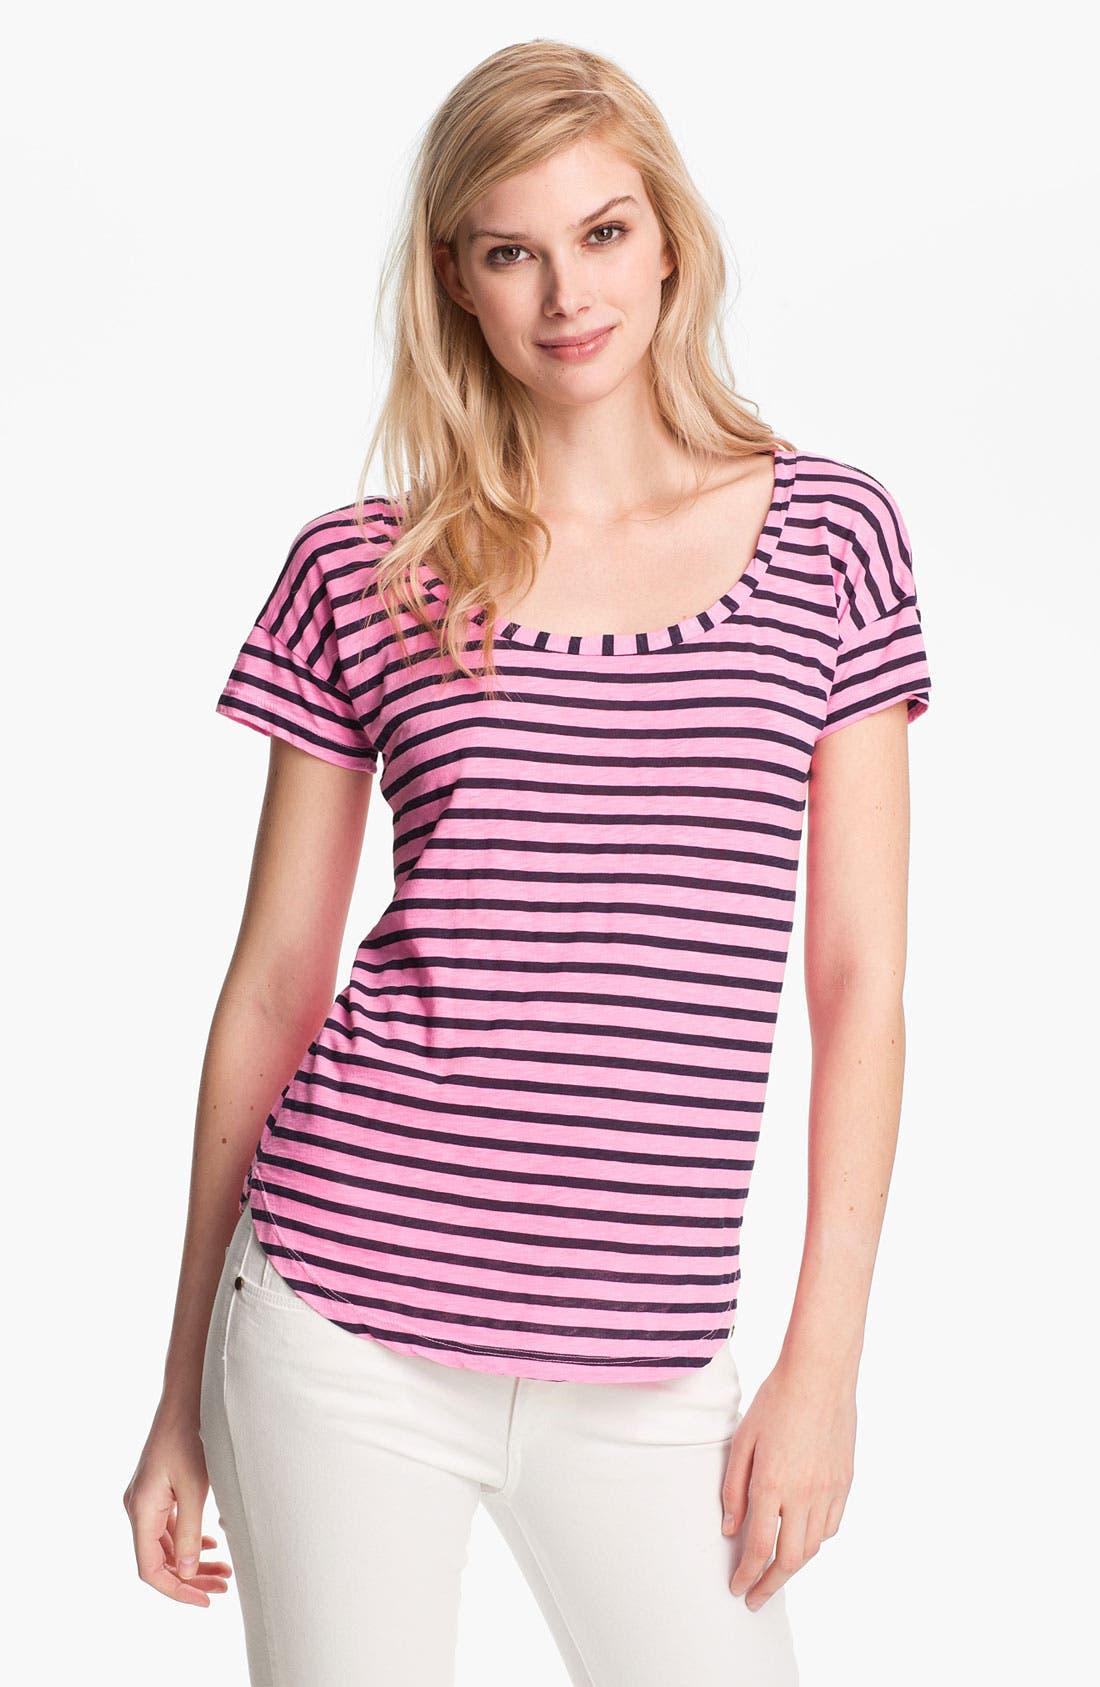 Alternate Image 1 Selected - Splendid 'Miami' Stripe Tee